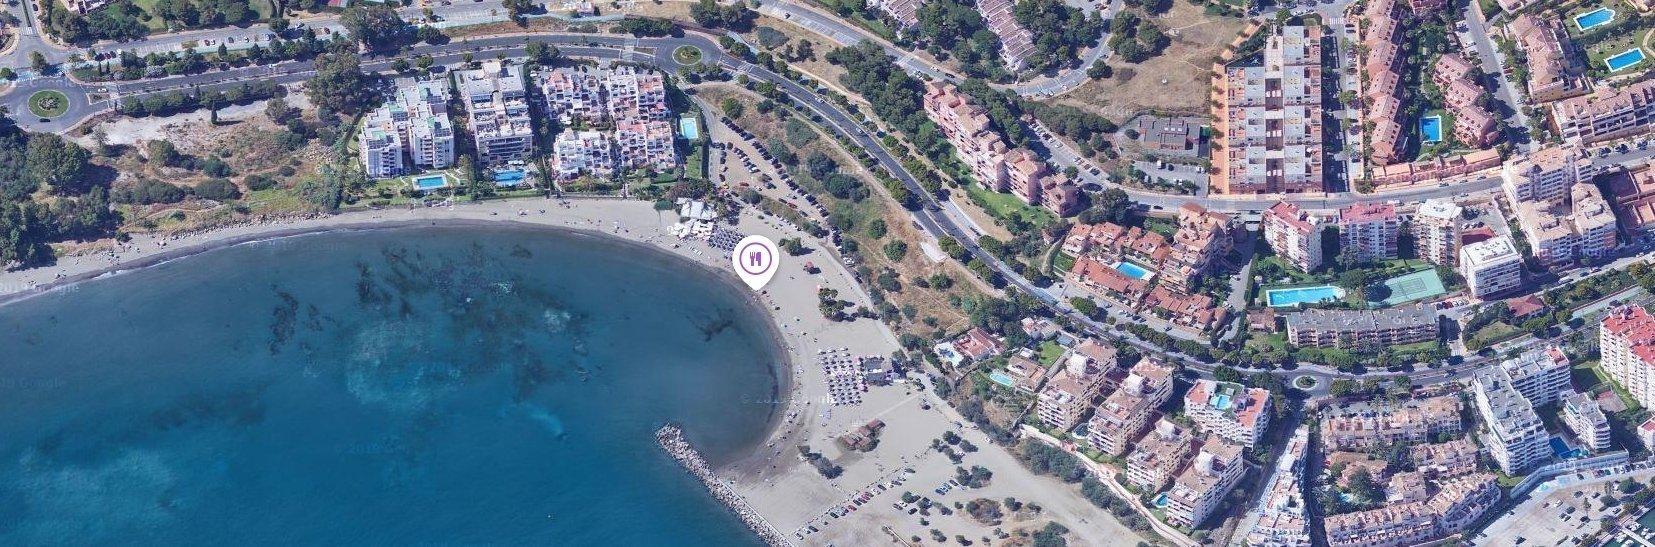 La Fragata - spacious apartment Estepona Puerto - Playa del Christo 3